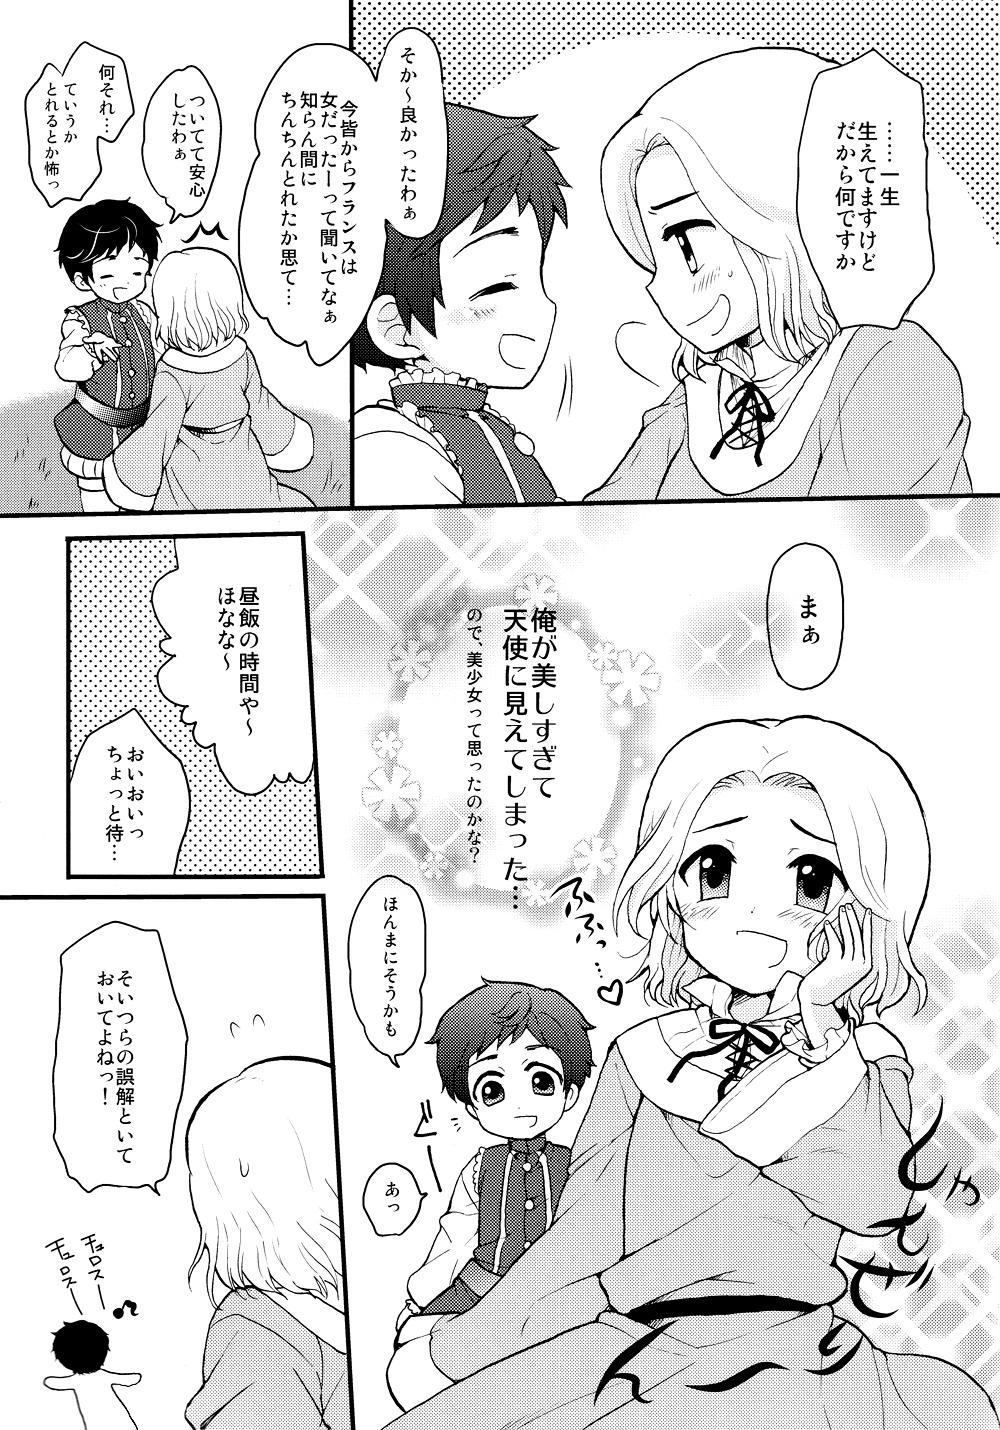 Oyabun! 2 4